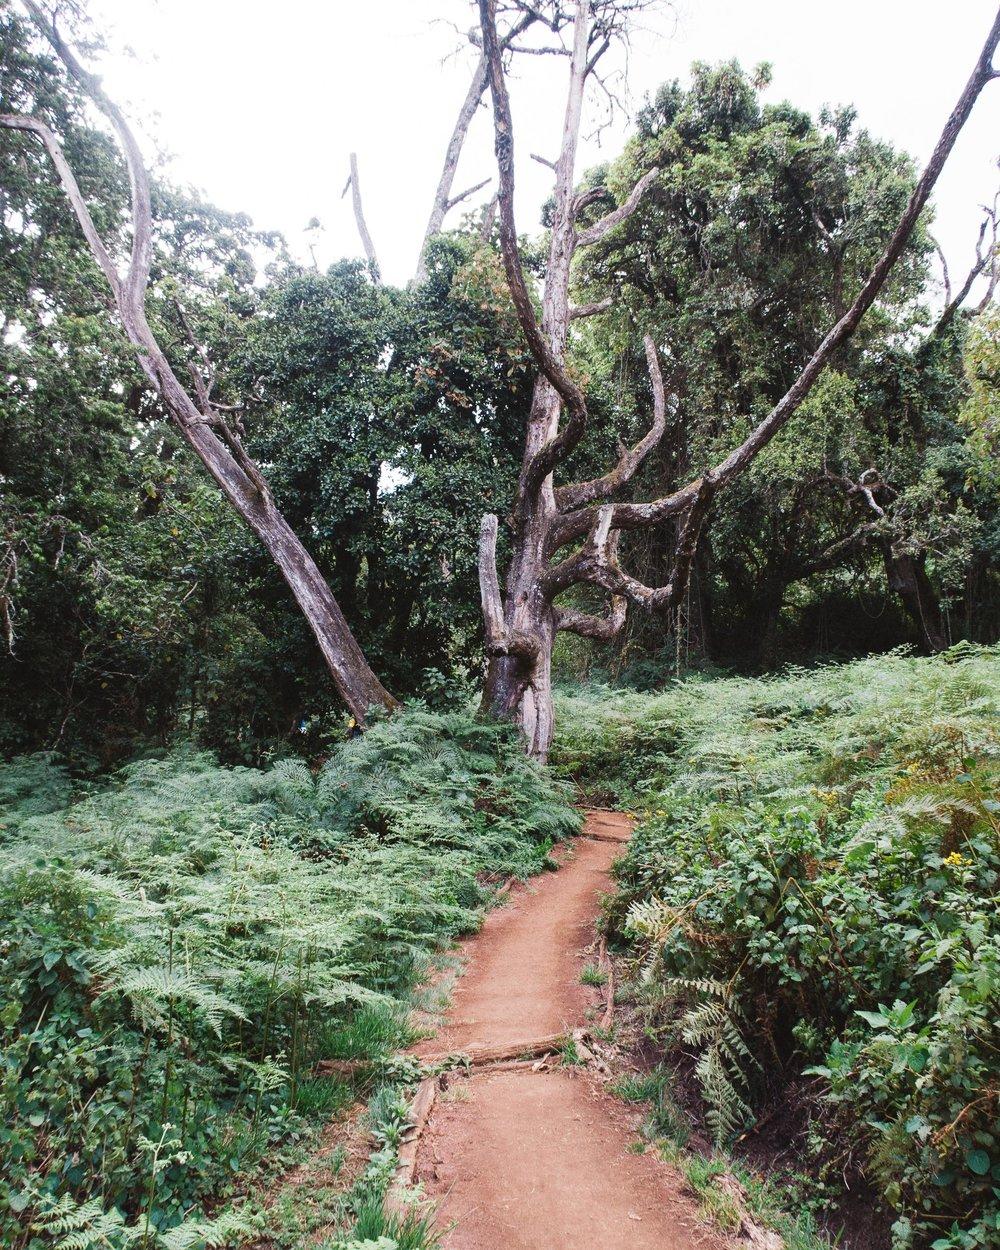 captainbarto-blog-adambartoshesky-misterspoils-mtkilimanjaro-tanzania-october2017-day1167.jpg